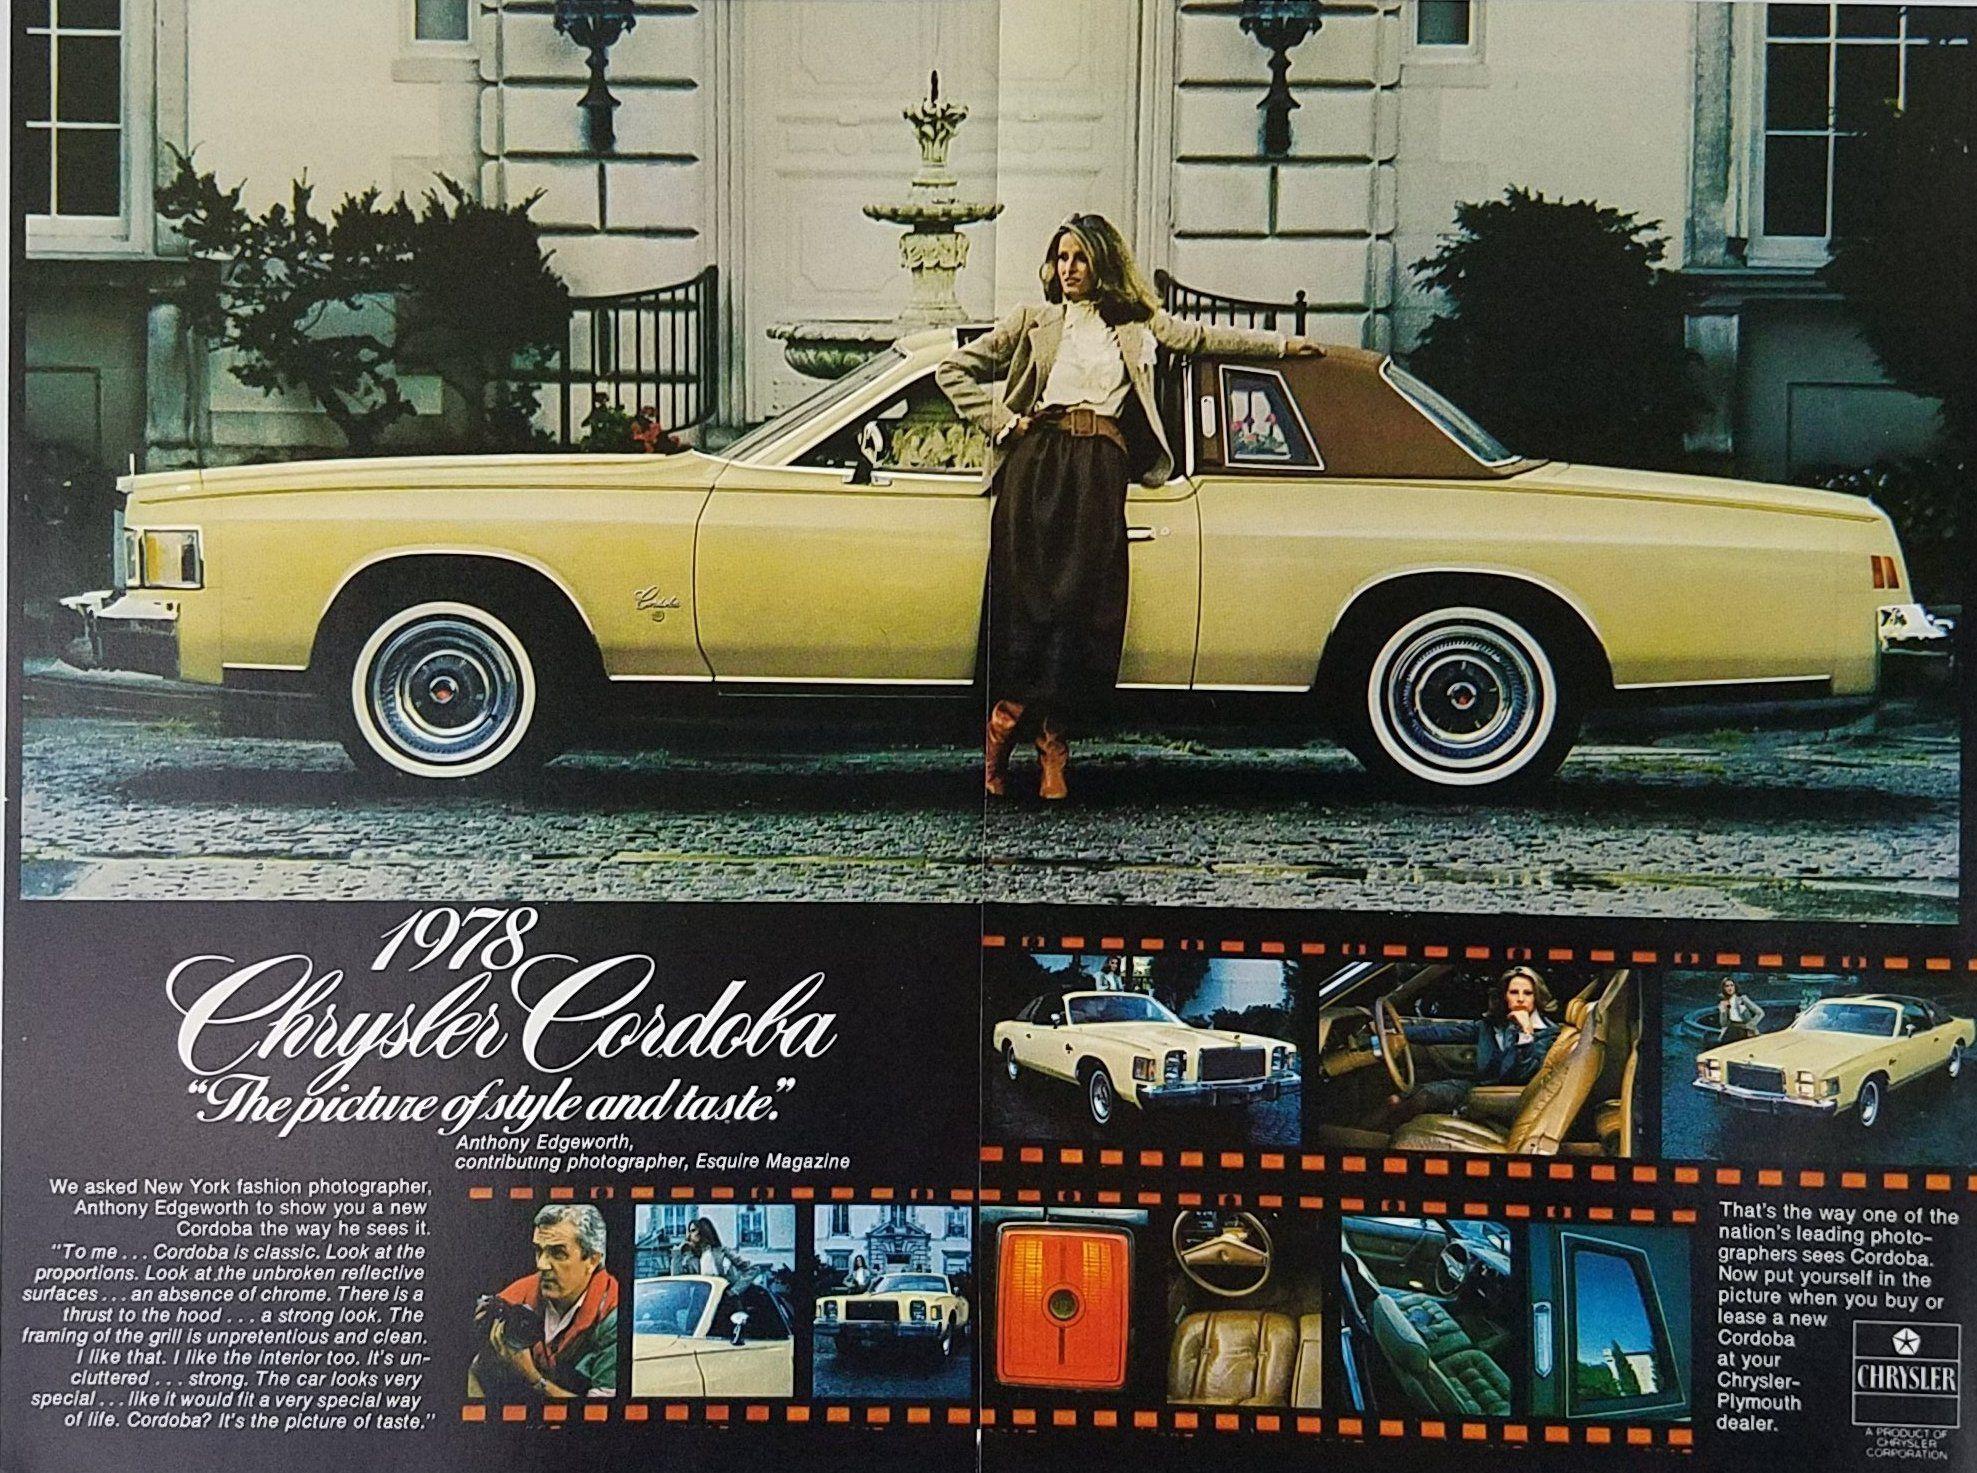 1978 Chrysler Cordoba Vintage Ad - Anthony Edgeworth Woman Leaning ...